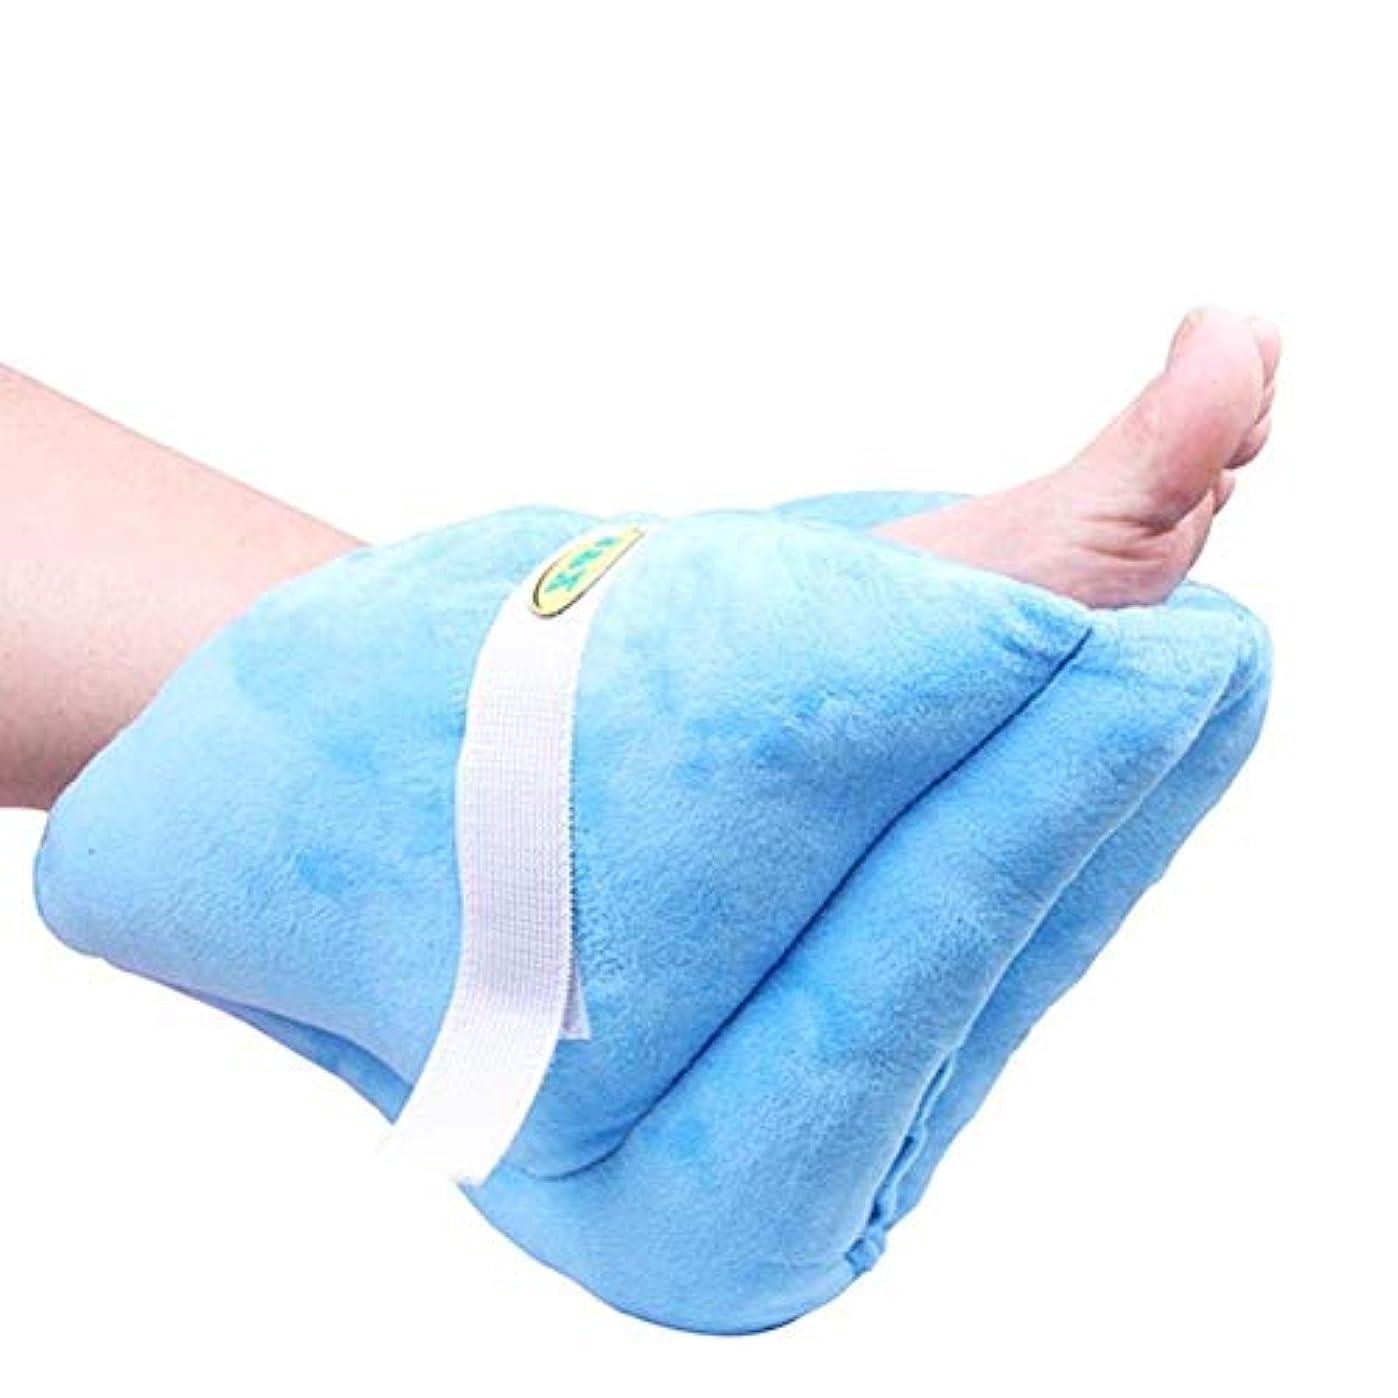 ひばり宣伝関数ヒールプロテクタークッション - フットプロテクターピローブーツ - 褥瘡の予防と足圧を軽減するためのフットサポートピロー